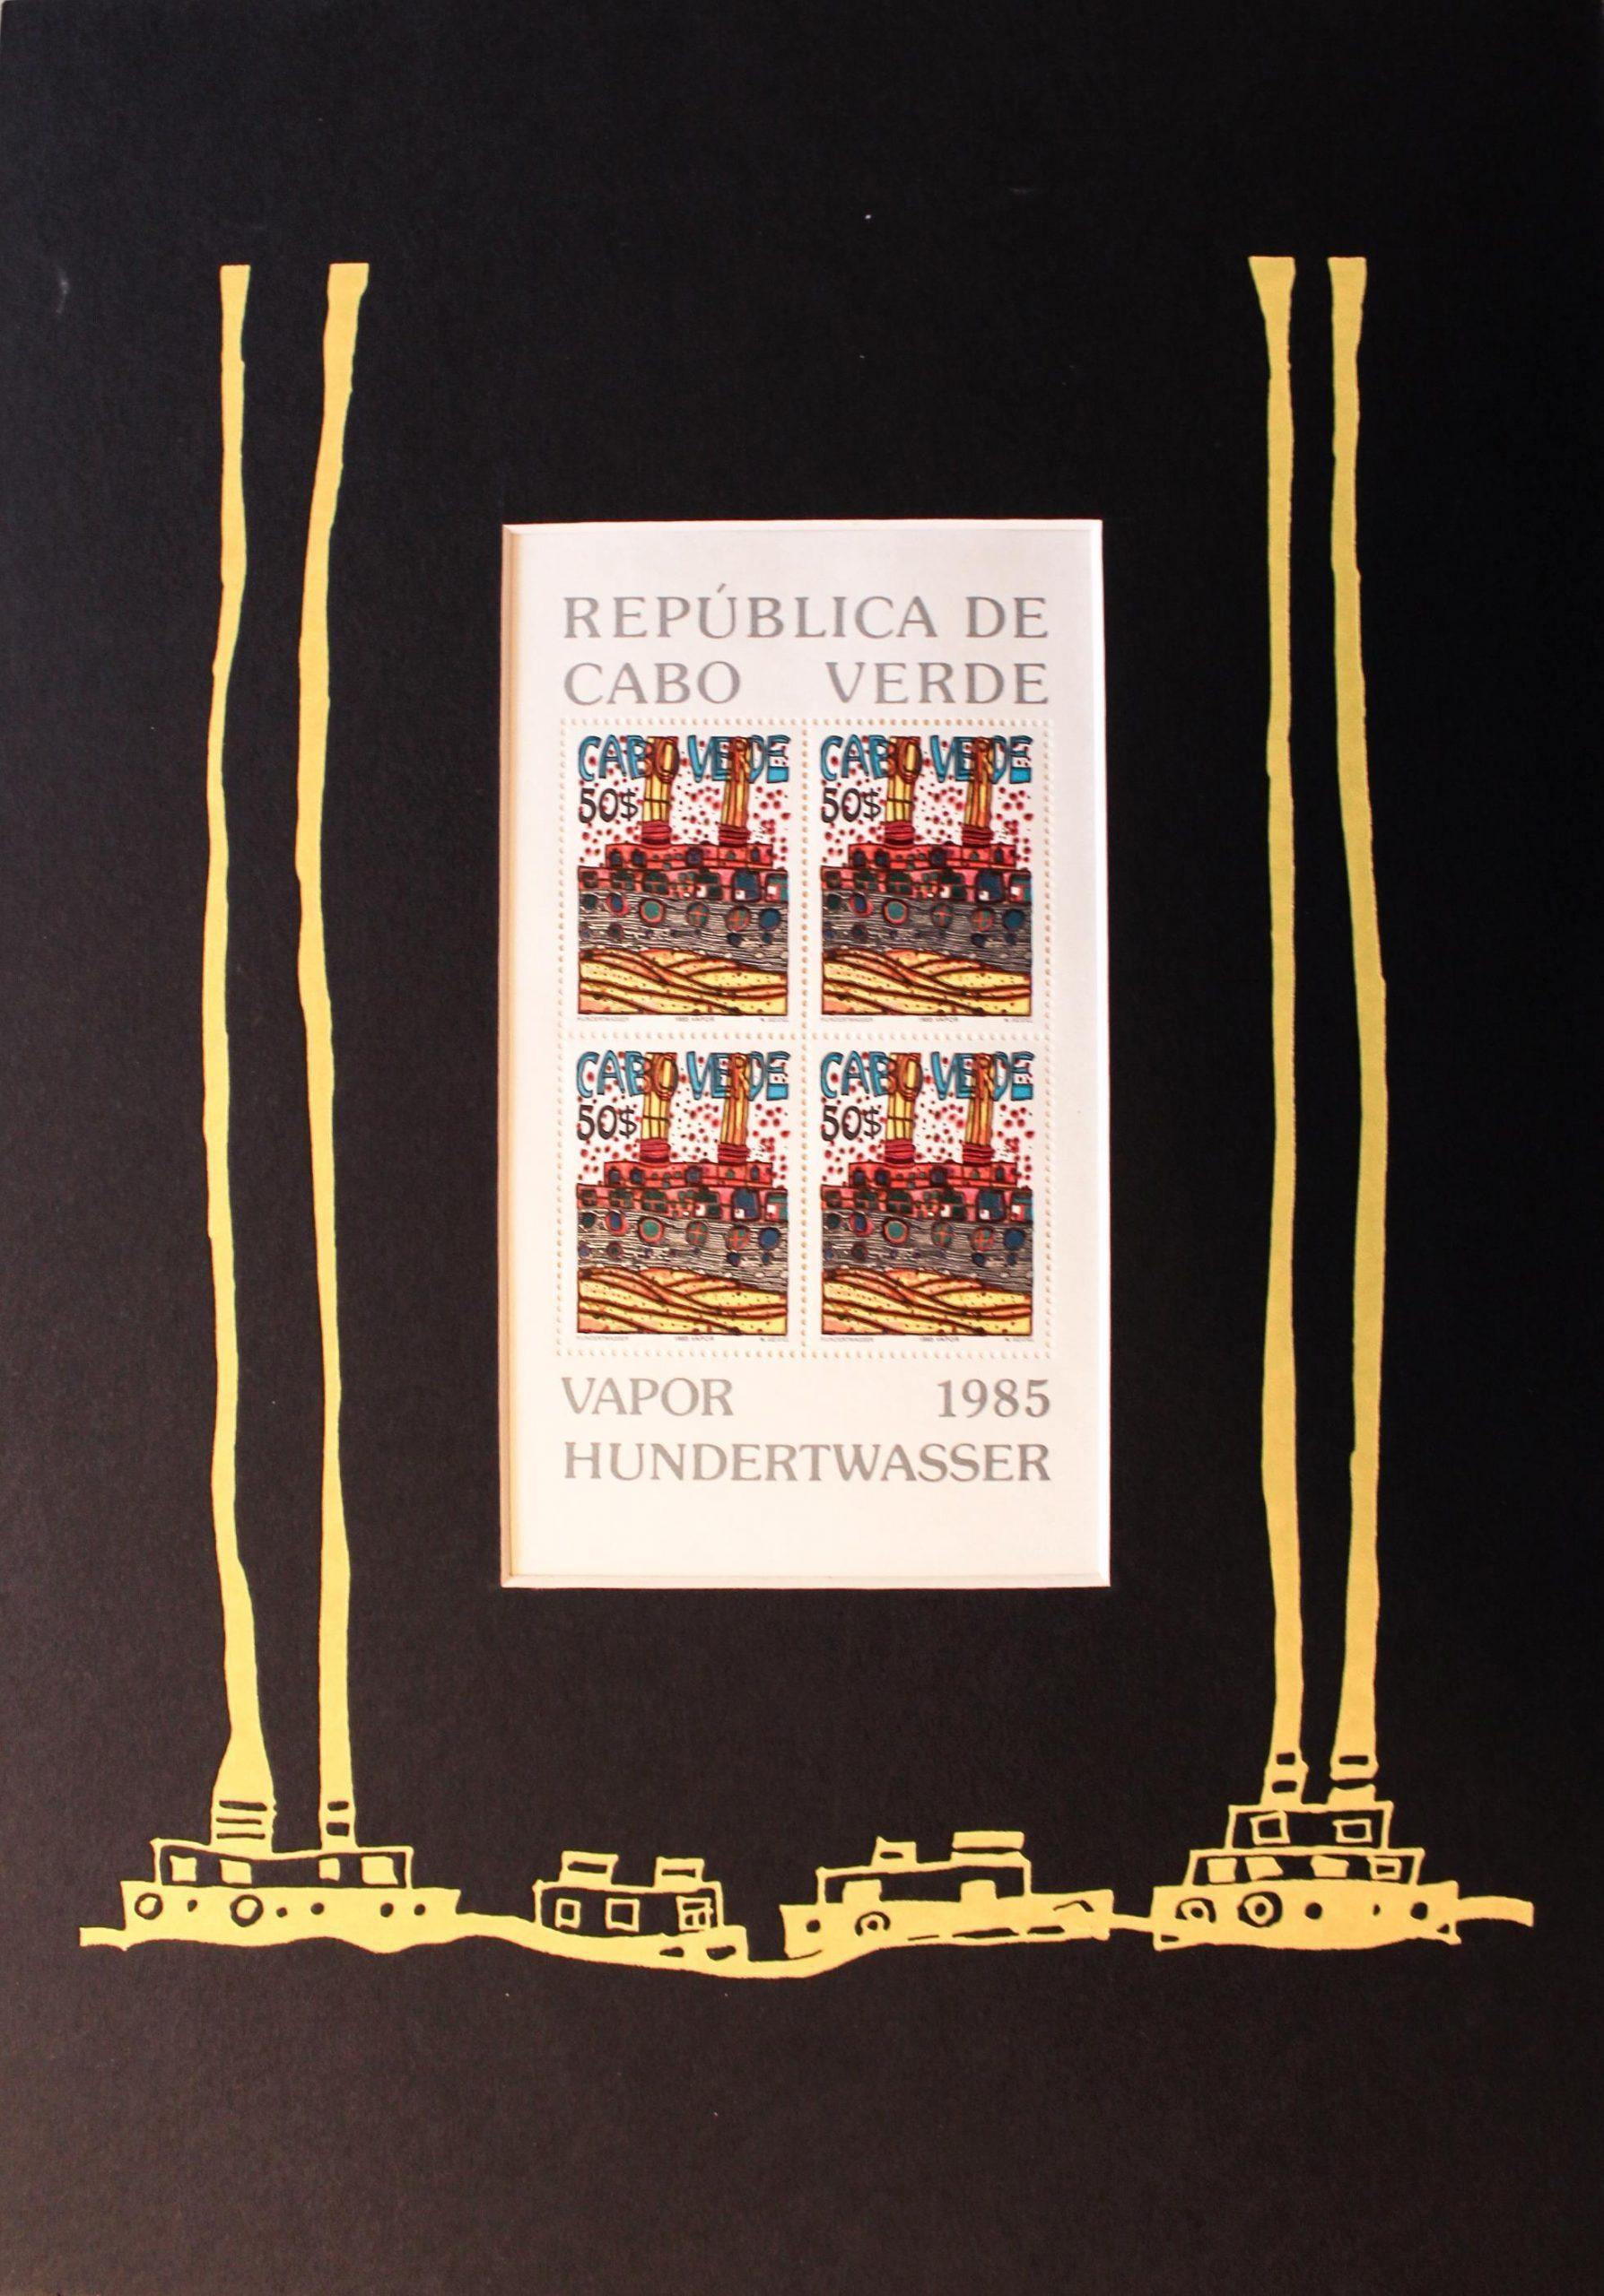 Vapor Briefmarke, PP gelb - Hundertwasser, Friedensreich - k-07686